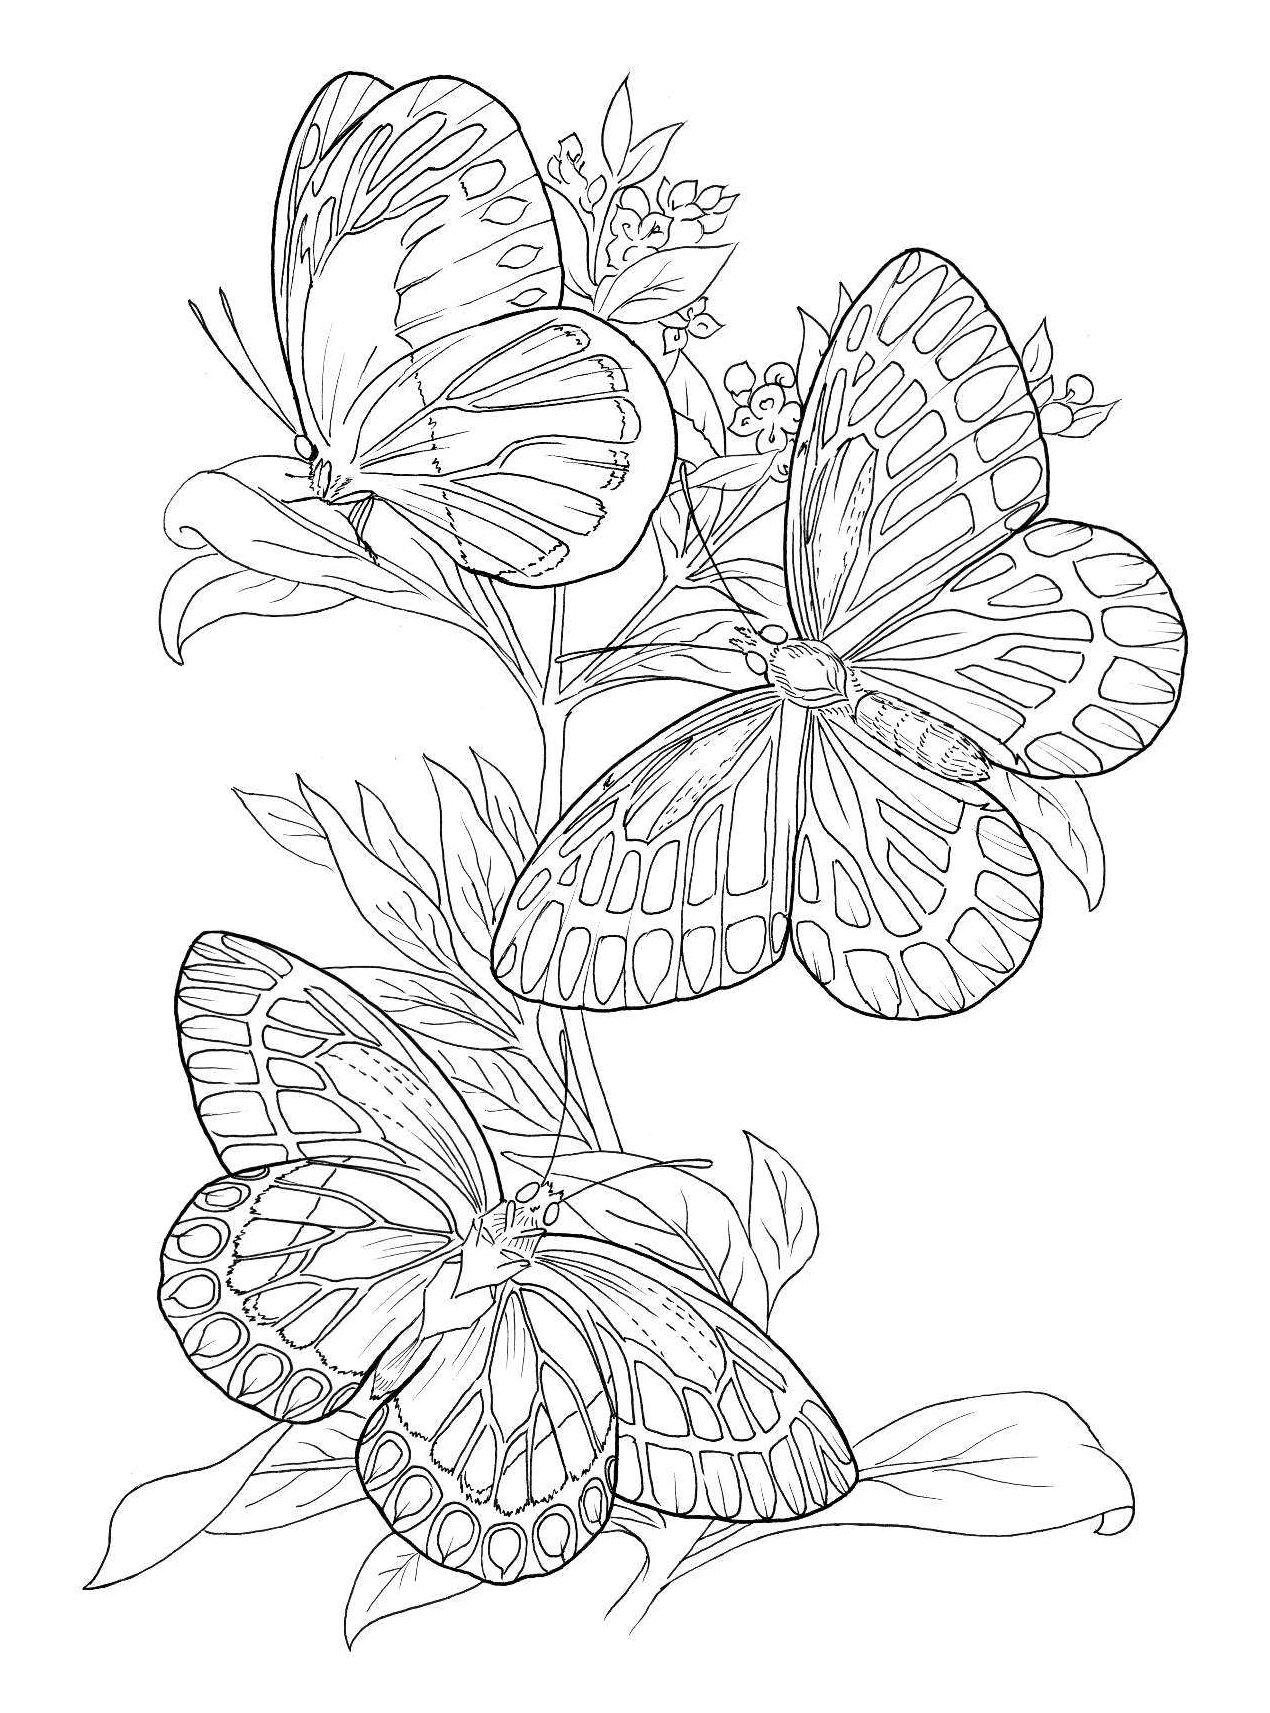 купить книгу особенная раскраска экзотические бабочки Book24